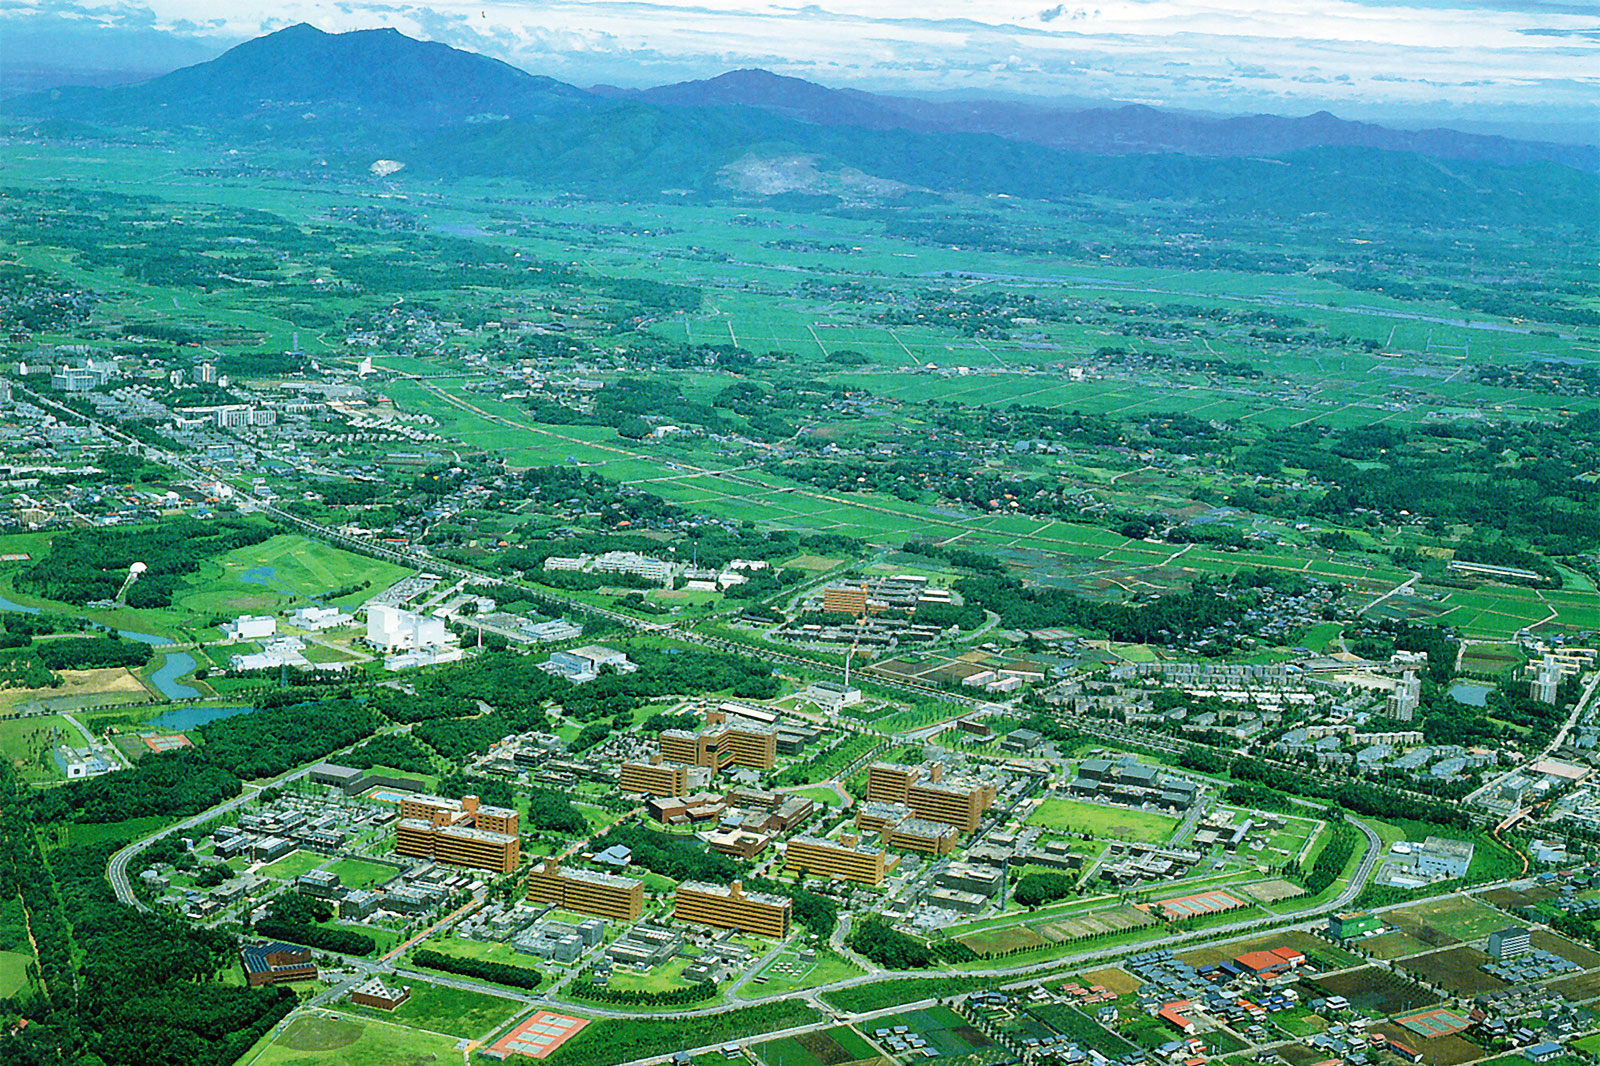 AIST Tsukuba Research Center